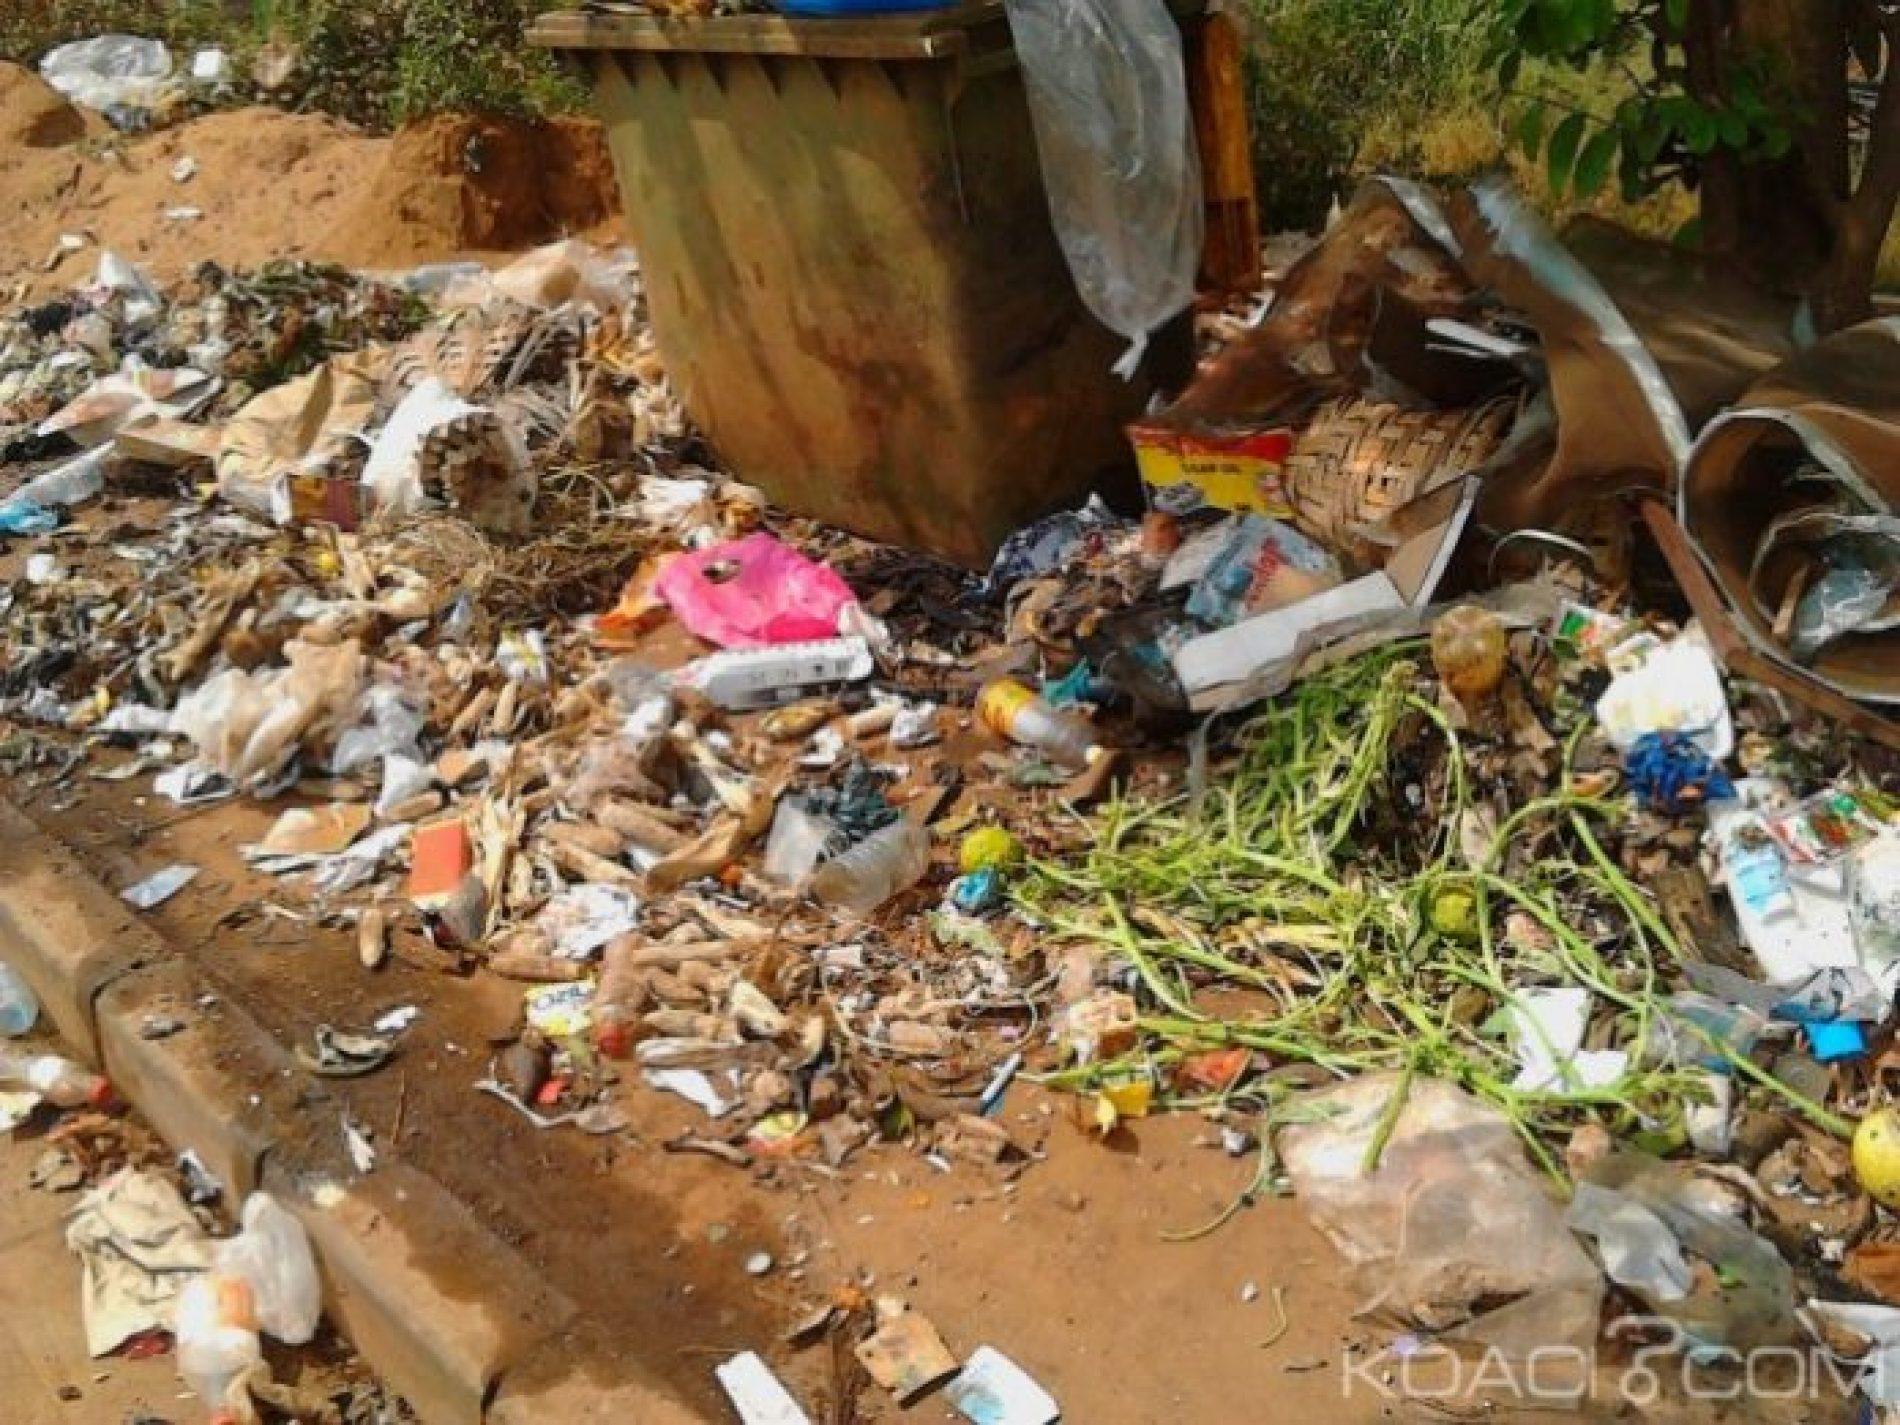 Collecte des ordures : La Communauté Urbaine de Douala fait appel à de nouvelles entreprises